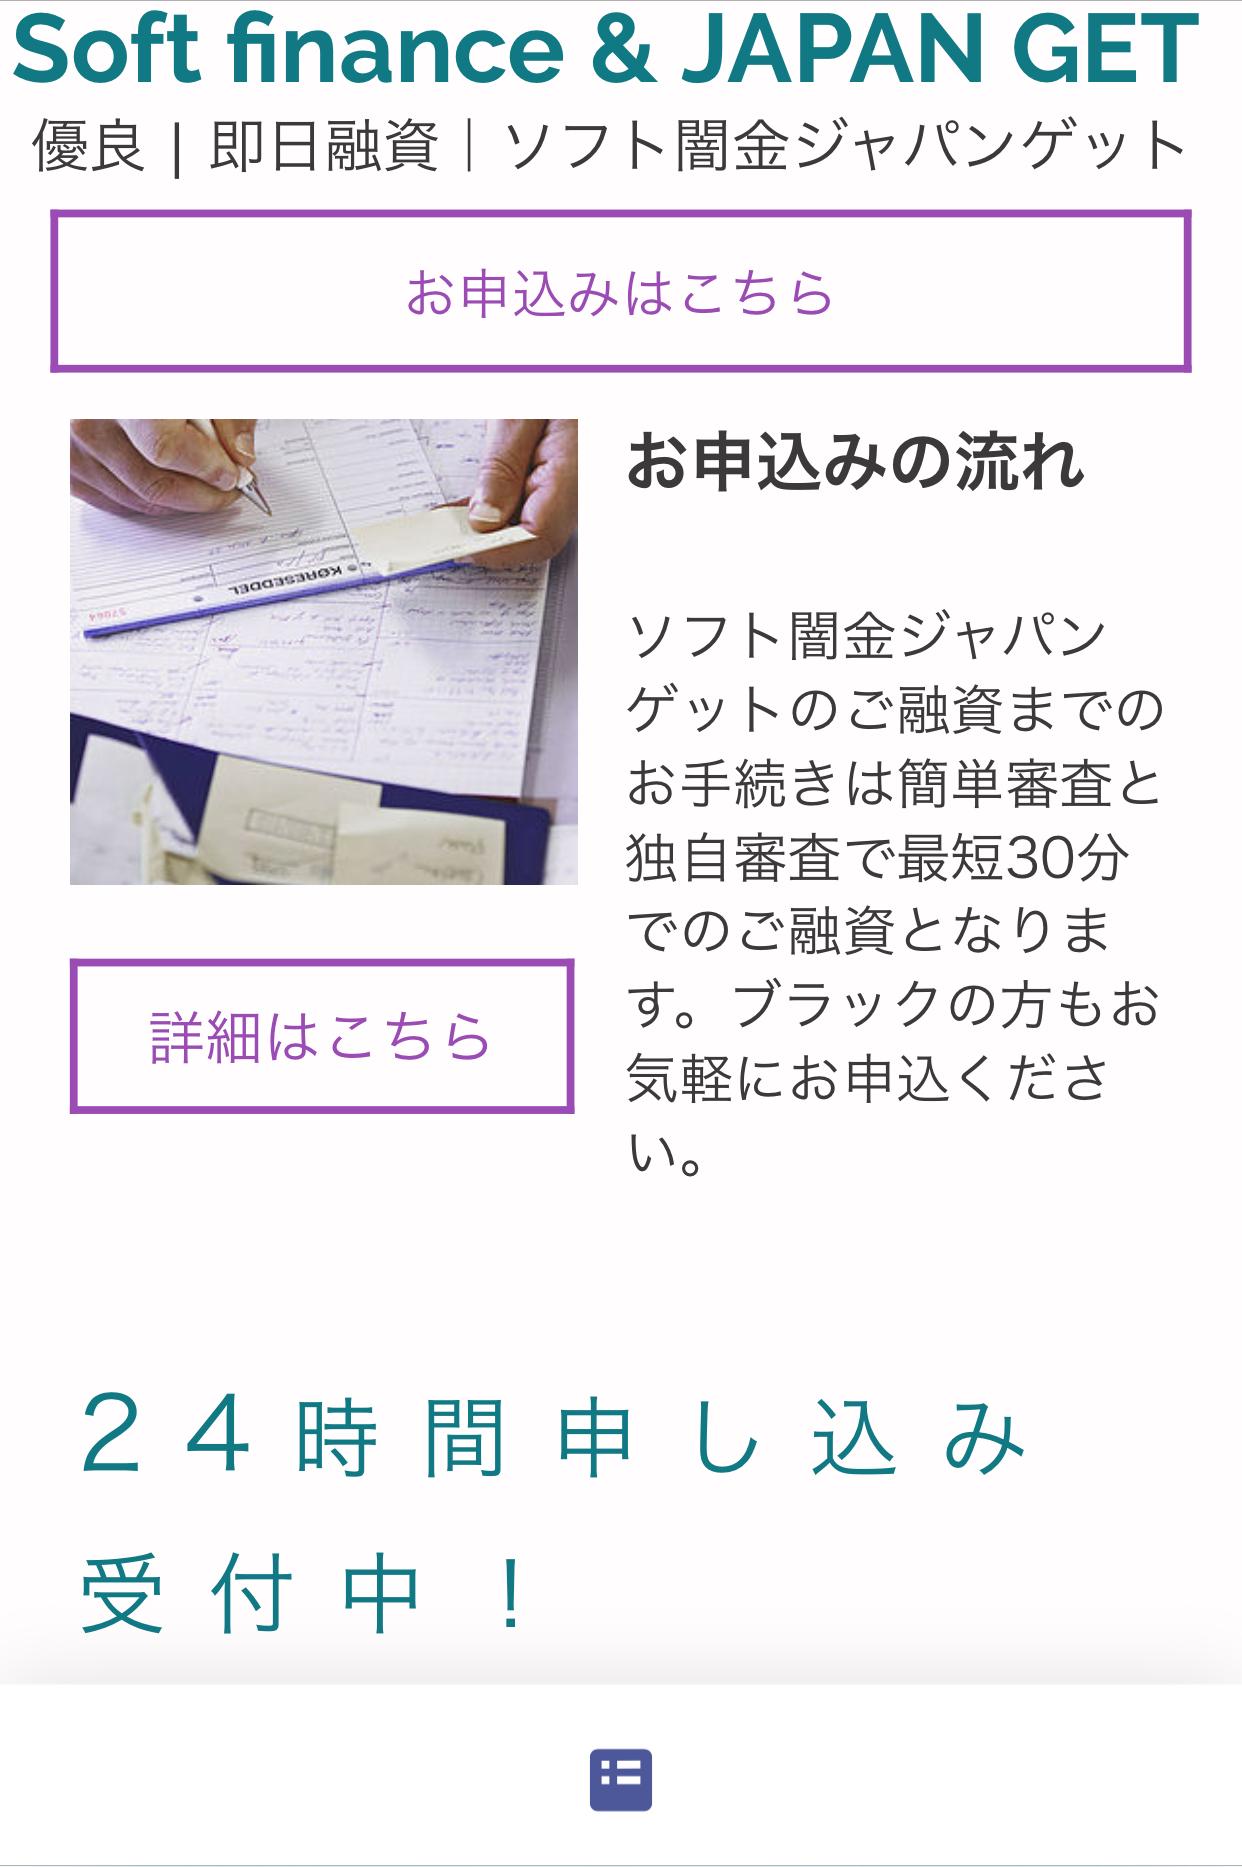 ジャパンゲットのソフト闇金サイト